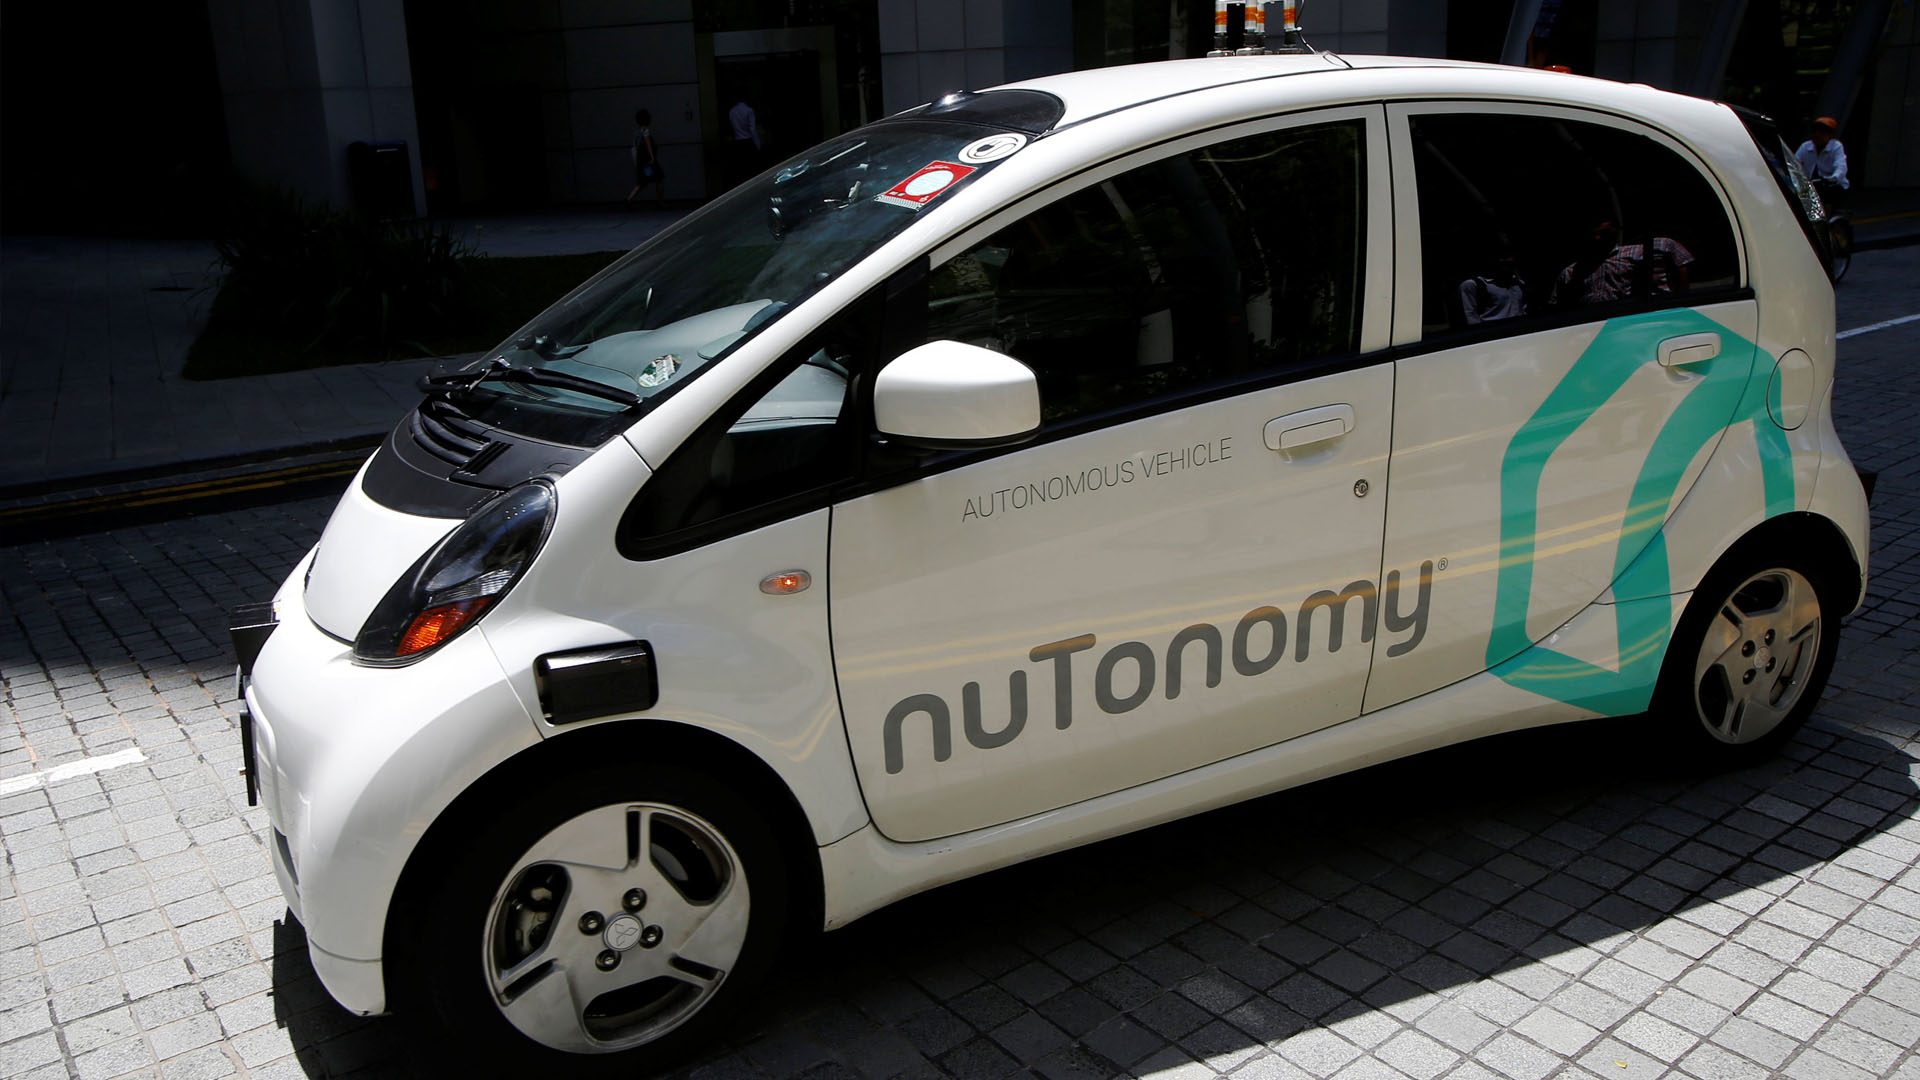 """La compañía """"nuTonomy"""", estrenó los primeros vehículos no tripulados del mundo en una etapa de pruebas piloto"""